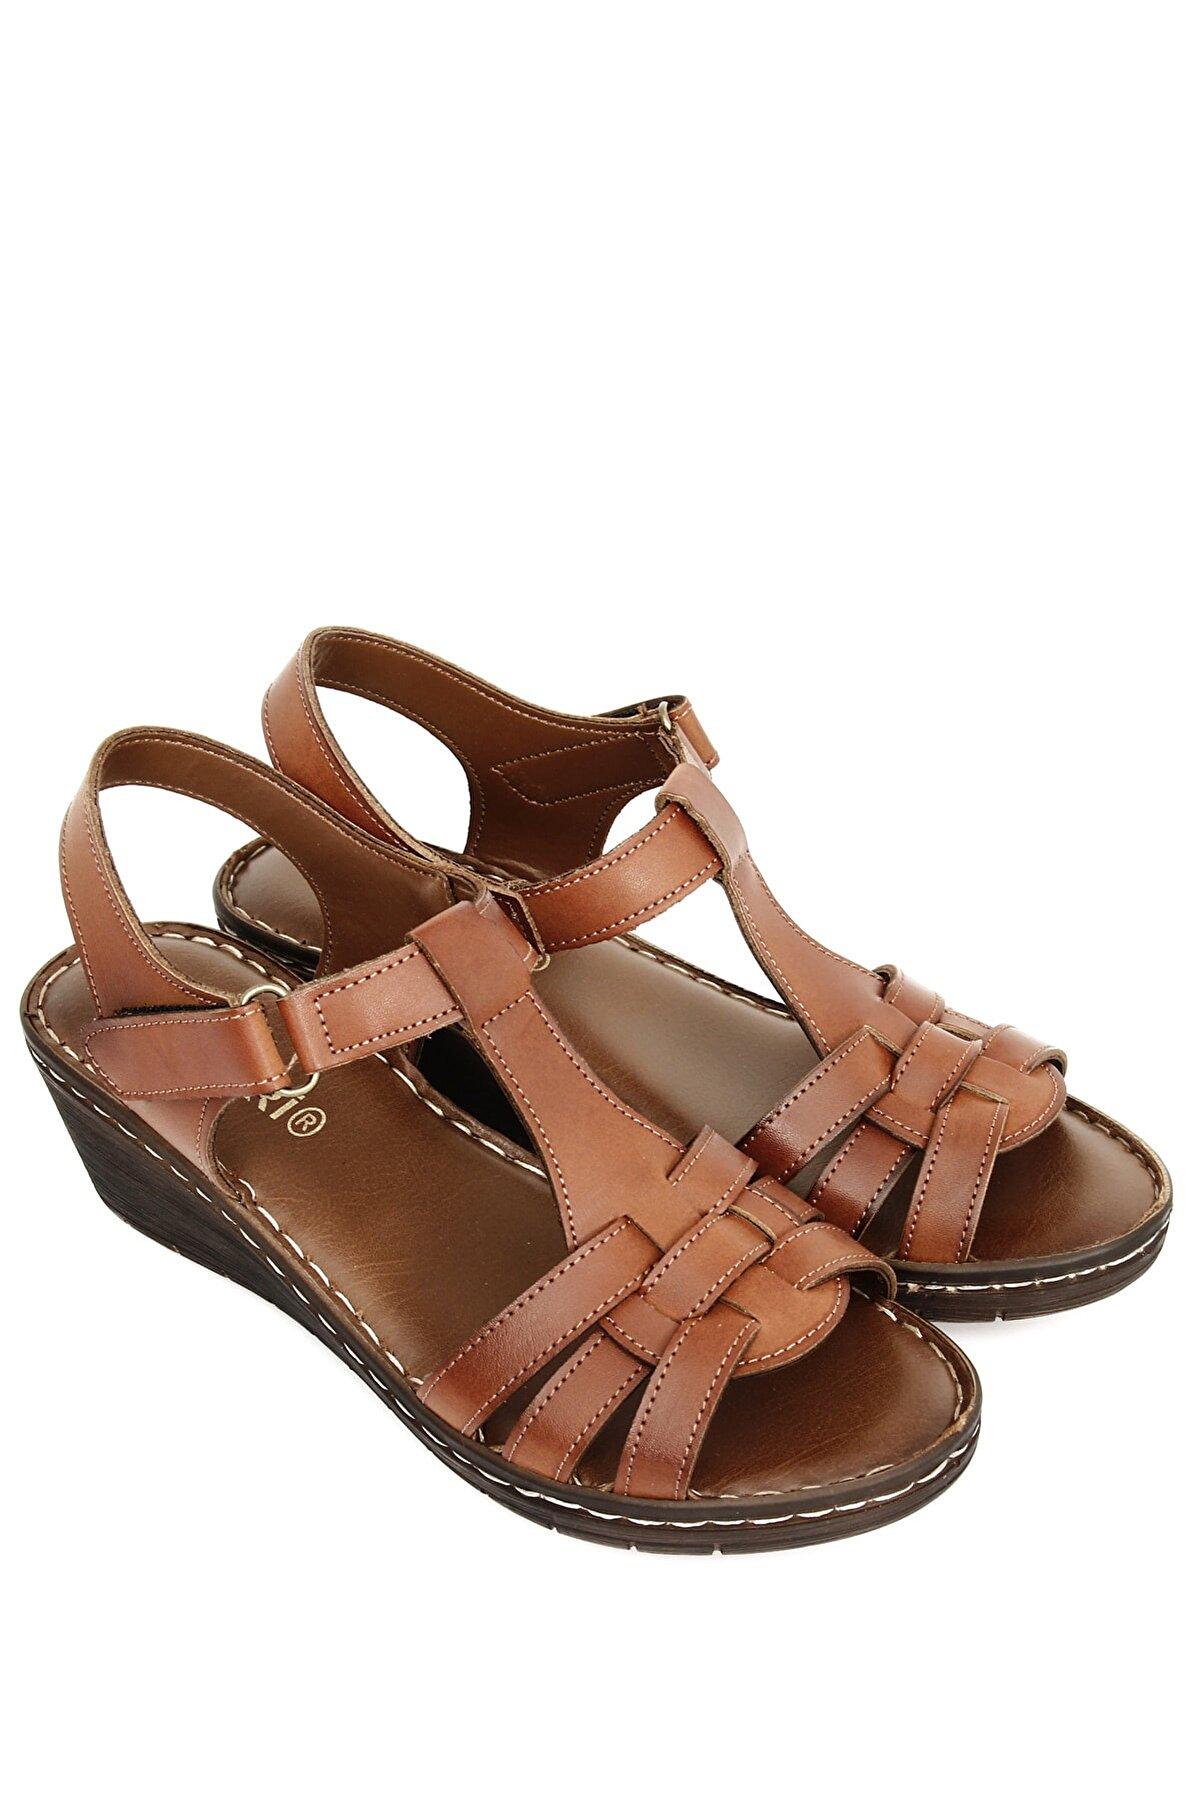 GÖNDERİ(R) Kadın Sandalet 45222